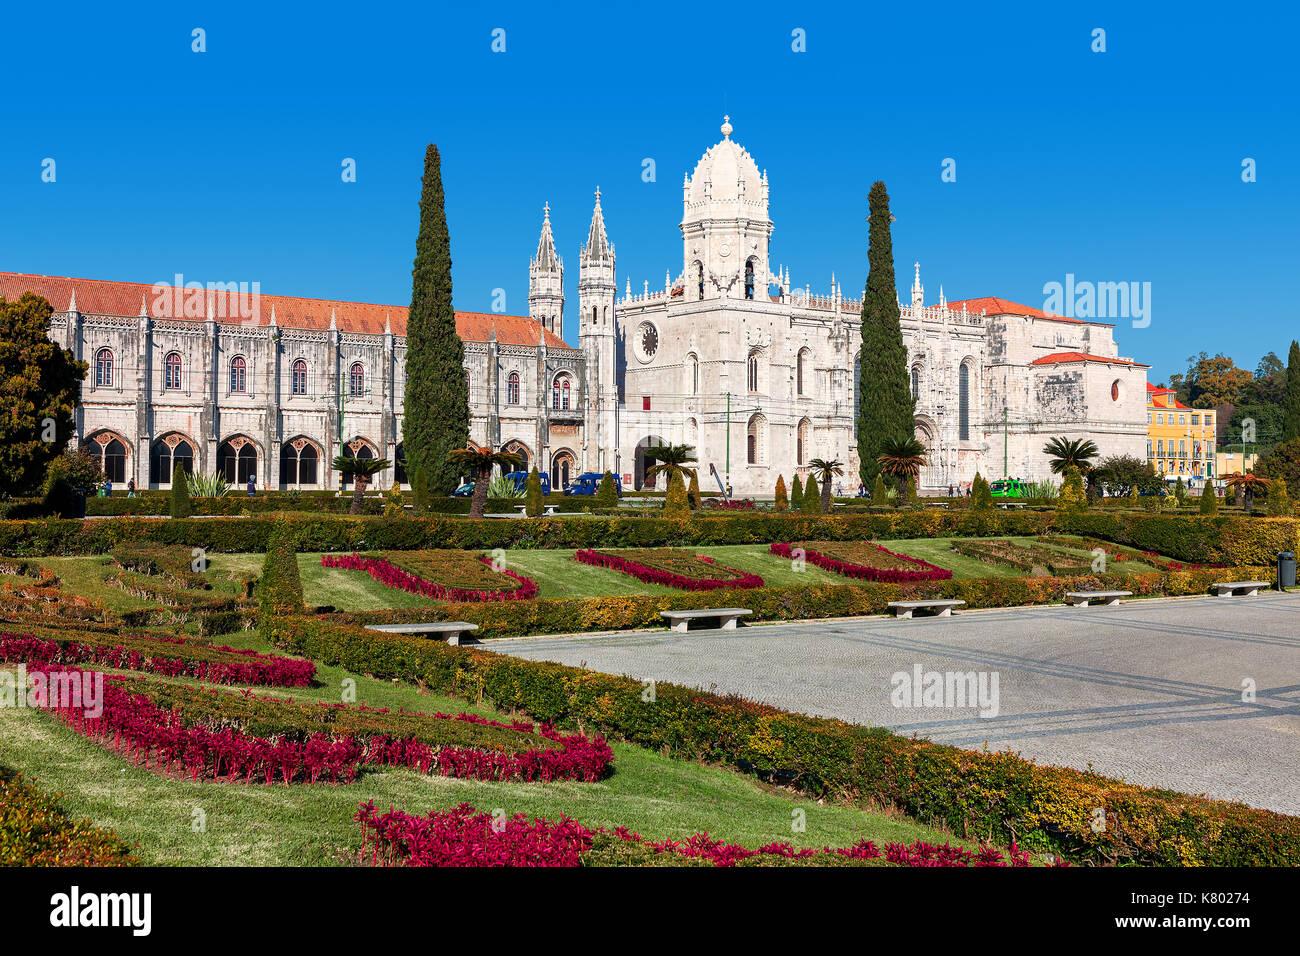 Vista del parco urbano con fiori e jeronimos (aka hieronymites) monastero sotto il cielo blu a Lisbona, Portogallo. Immagini Stock